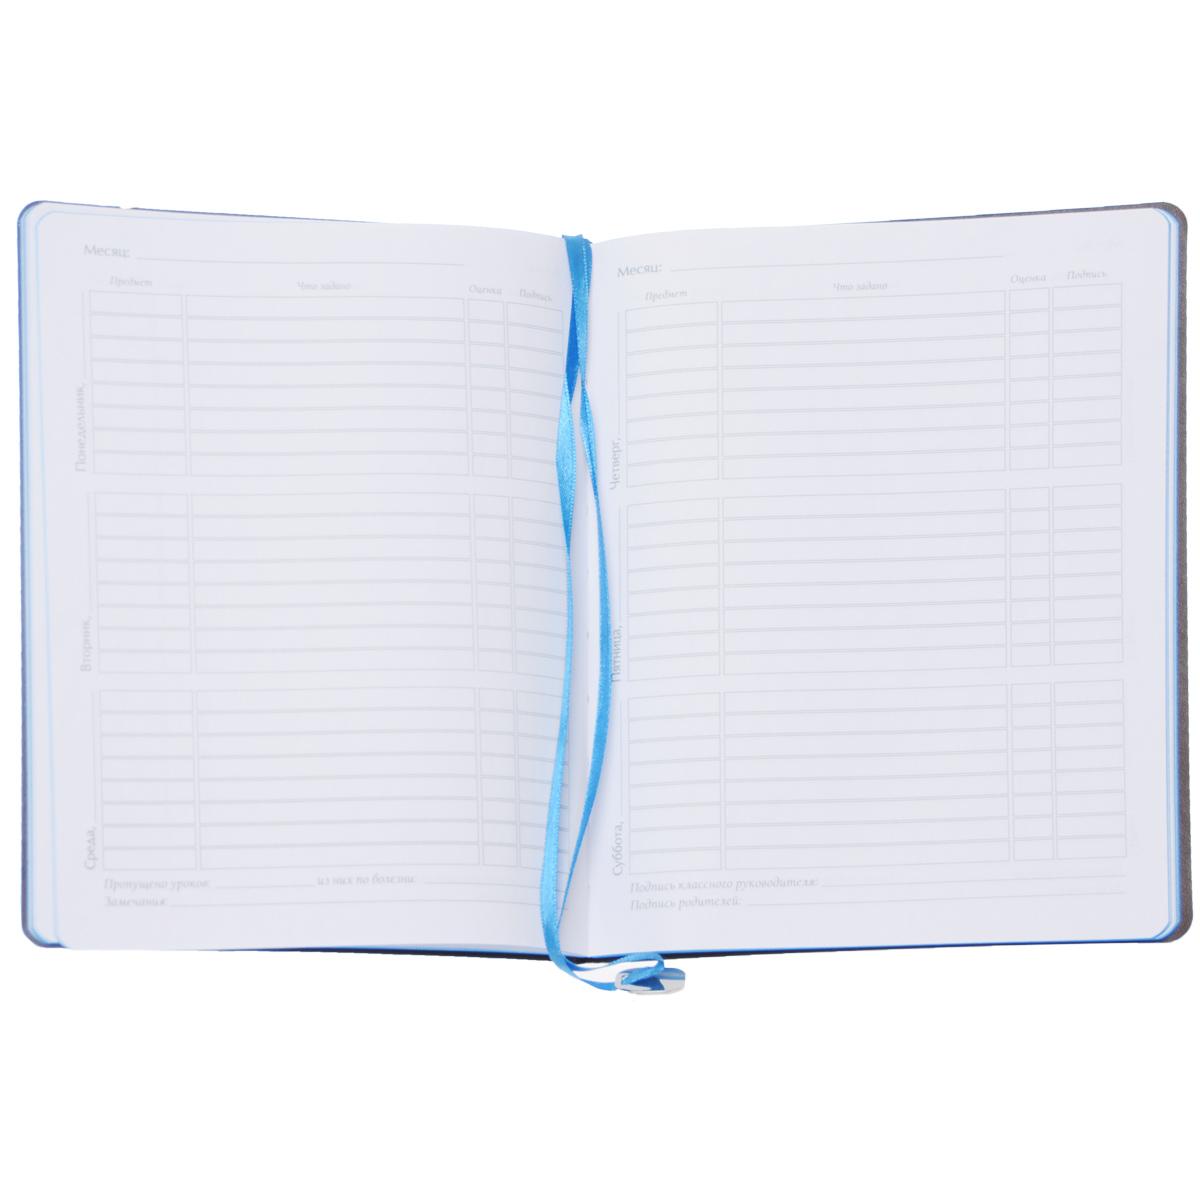 Линия дневников Mercury - это продукция наивысшего качества, оформленная в стиле ежедневников. Тонированный в голубой цвет обрез и такое же двойное ляссе. На закладке закреплен шильдик из серебристого металла.  Страницы в блоке на сшивке. Листы сделаны из высококачественного офсета повышенной плотности.  В структуру дневника входят все необходимые разделы: информация о школе и педагогах, расписание занятий и факультативов по четвертям.  Рекомендуемый возраст: 6+.